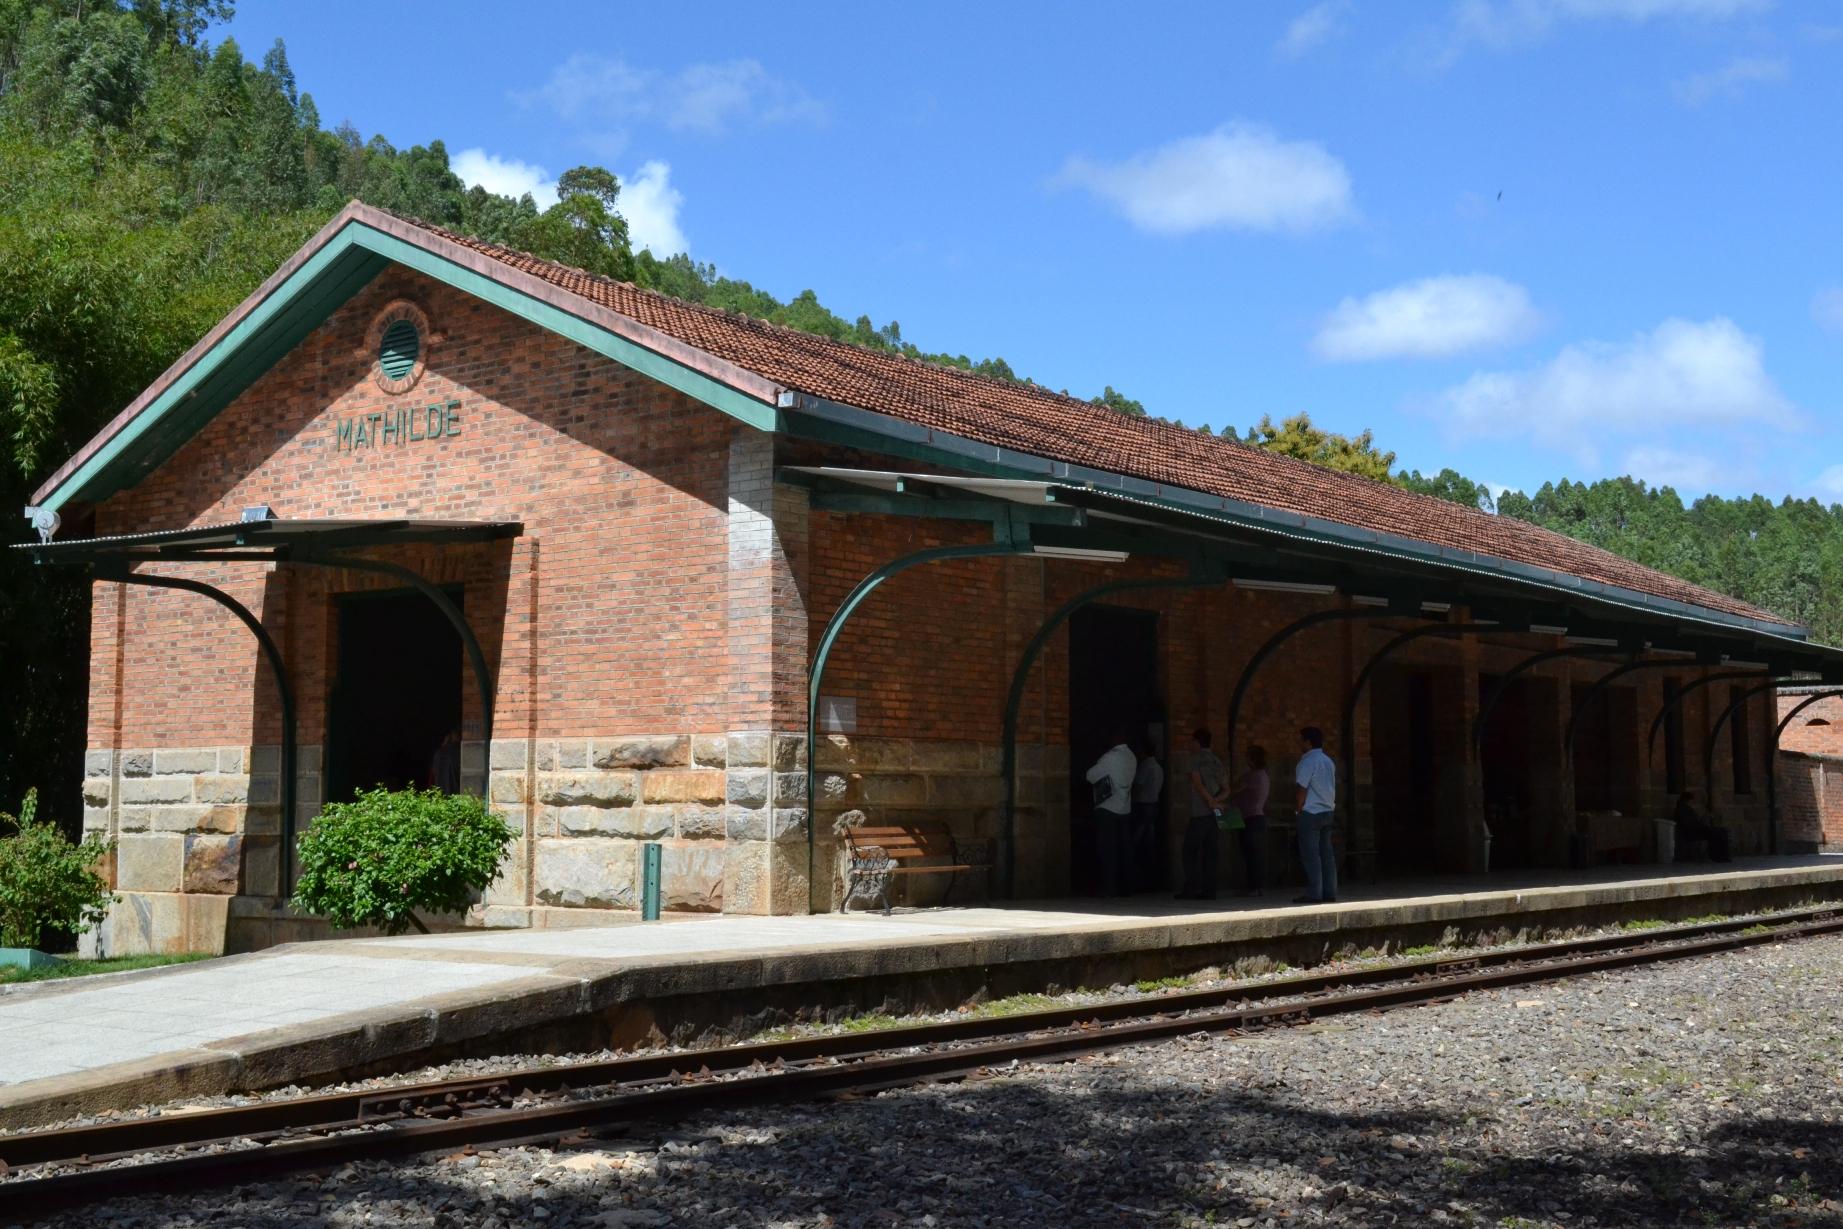 Estação Ferroviária de Matilde, no interior do ES. Crédito: Divulgação/PMAC